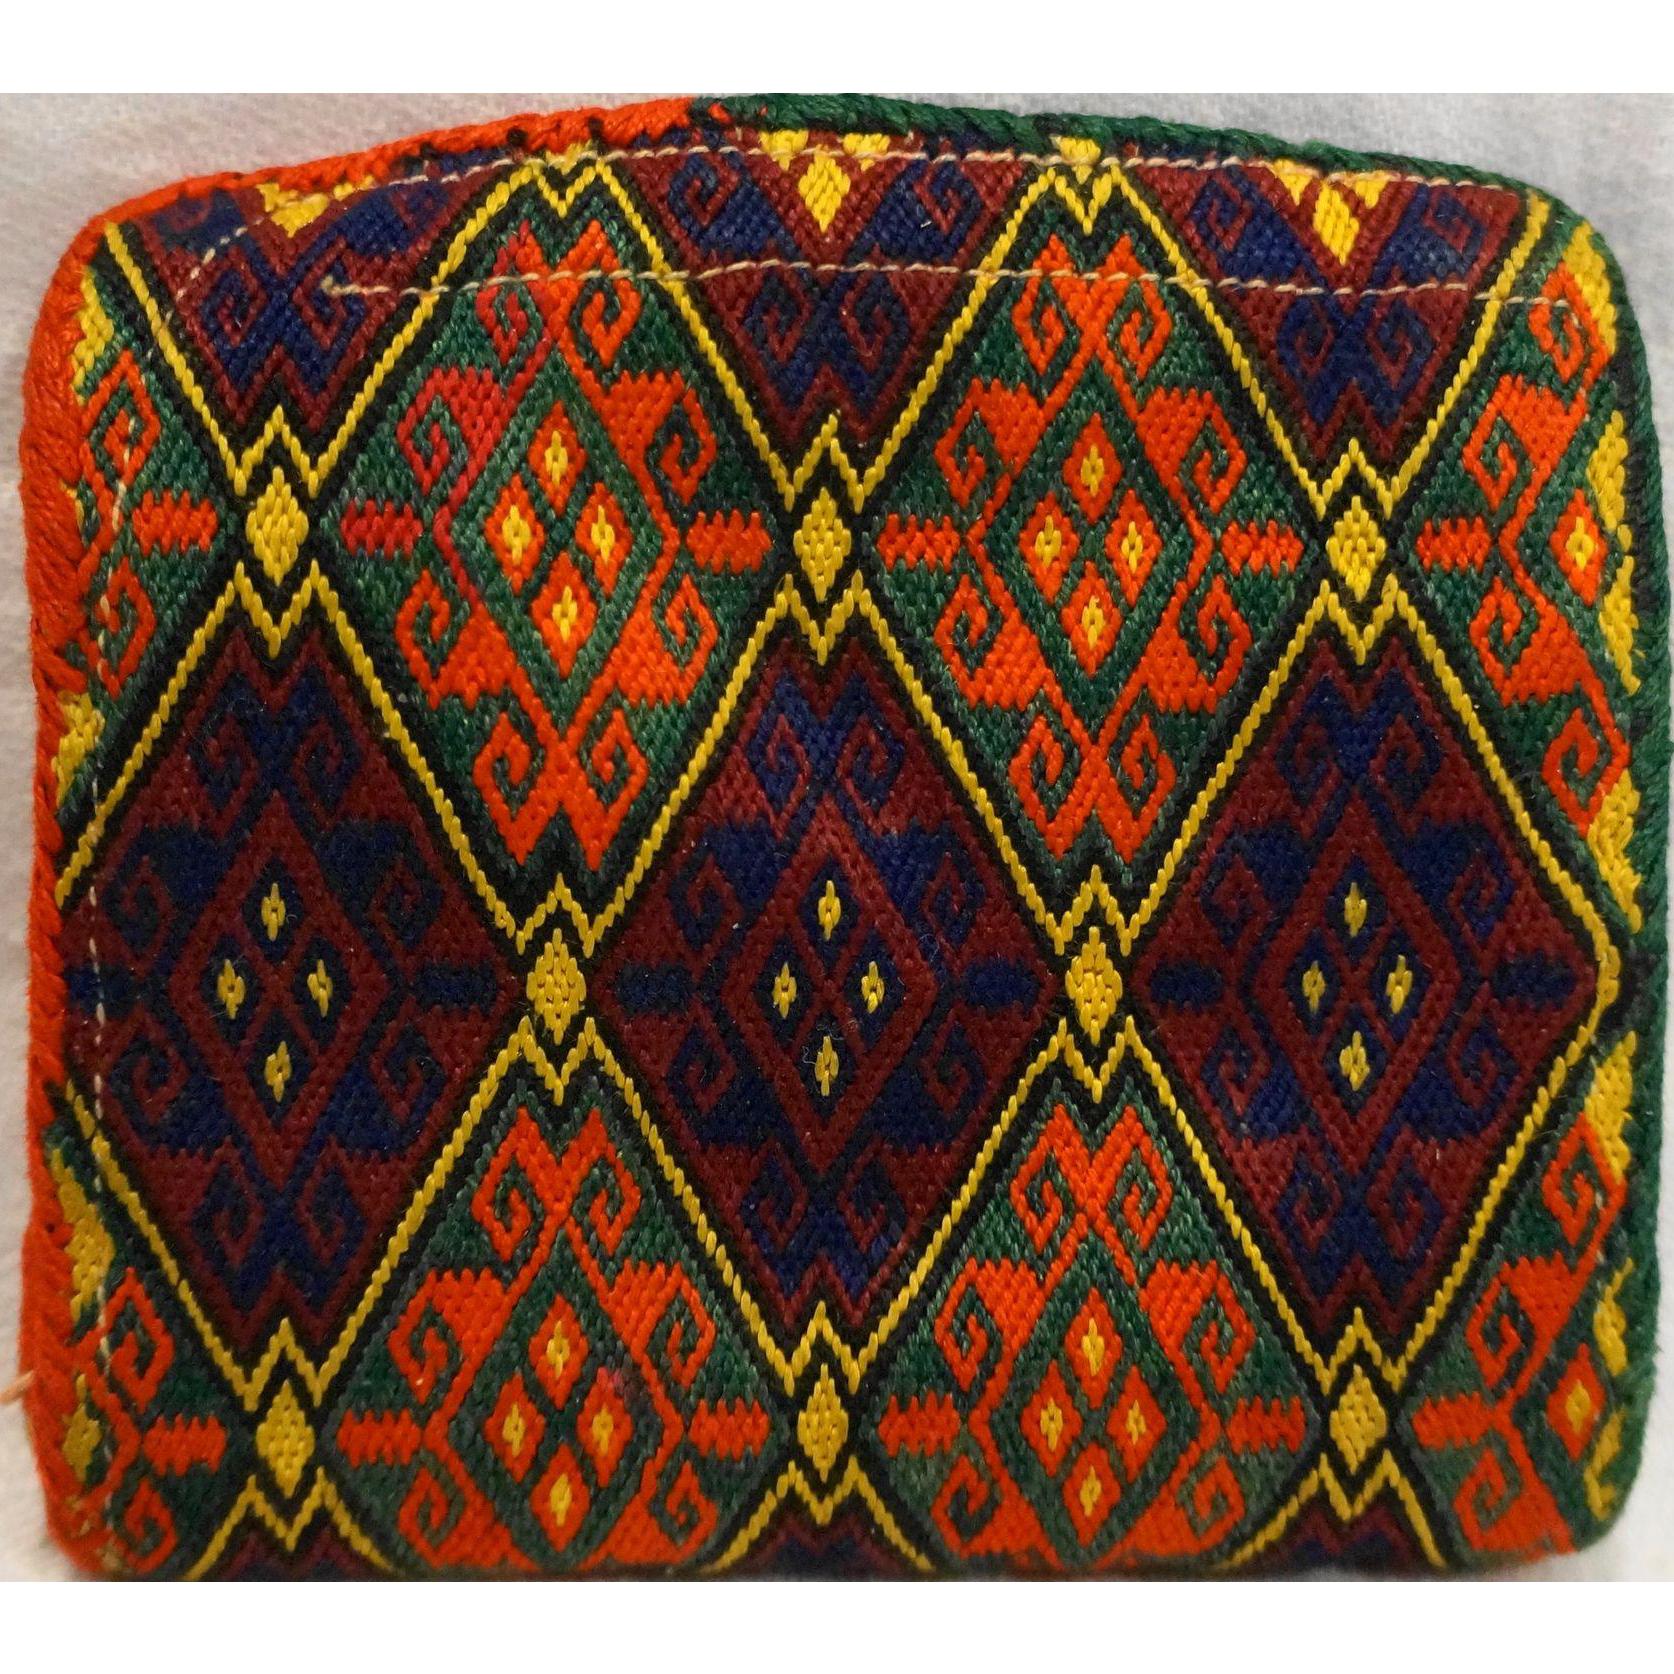 Ersari Ersary Turkoman Turkmen Silk Woven Small Wallet